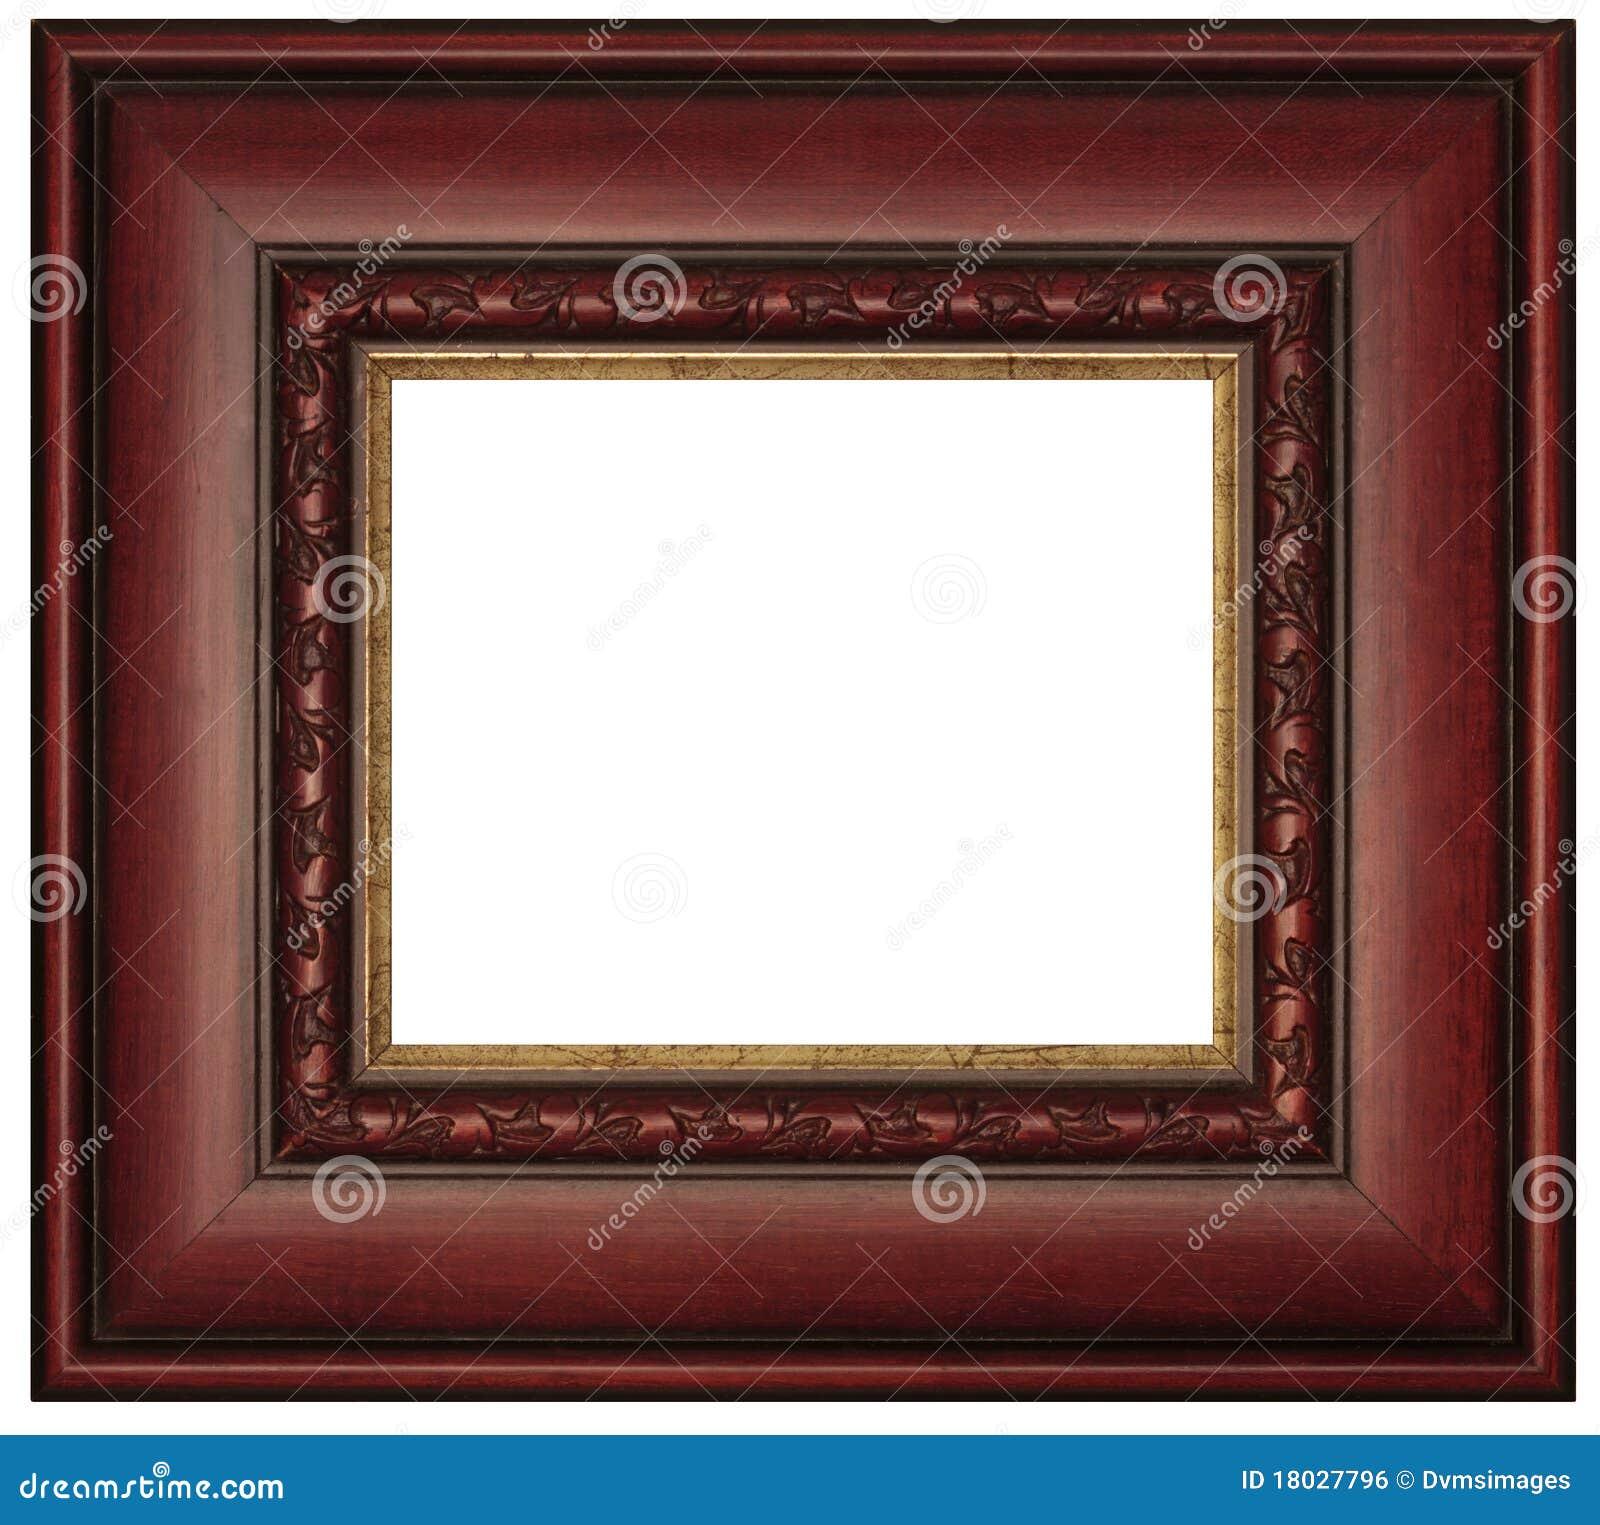 Cadre de tableau d 39 acajou image libre de droits image - Image de cadre de tableau ...